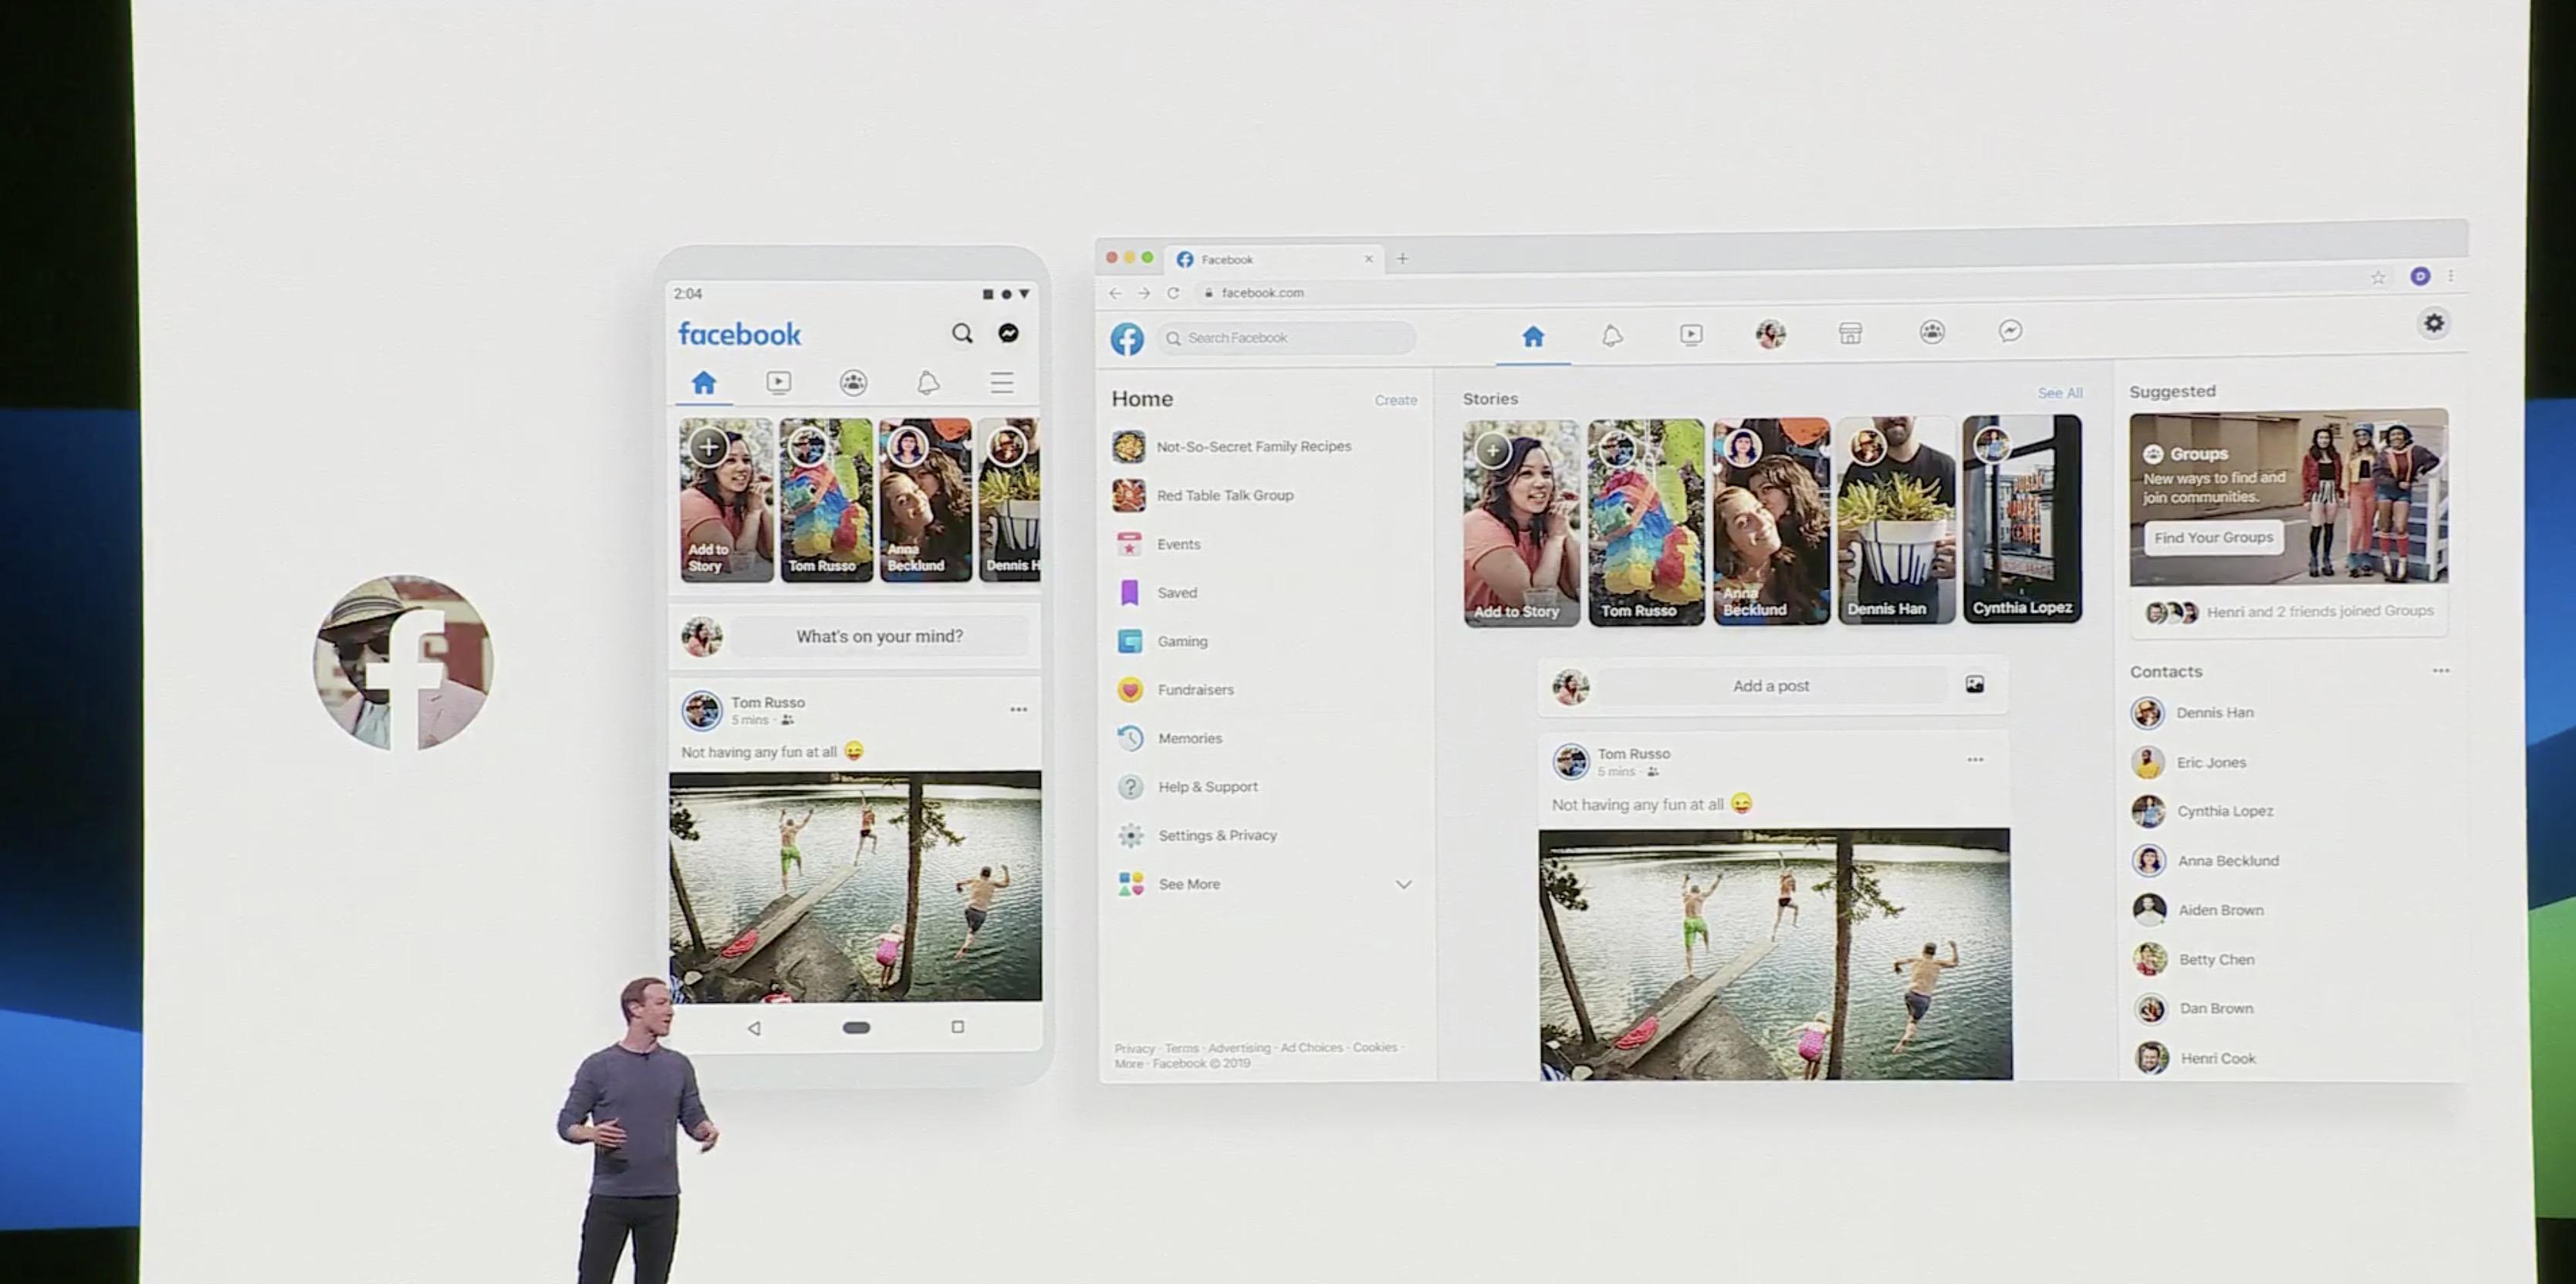 Facebook F8 new design